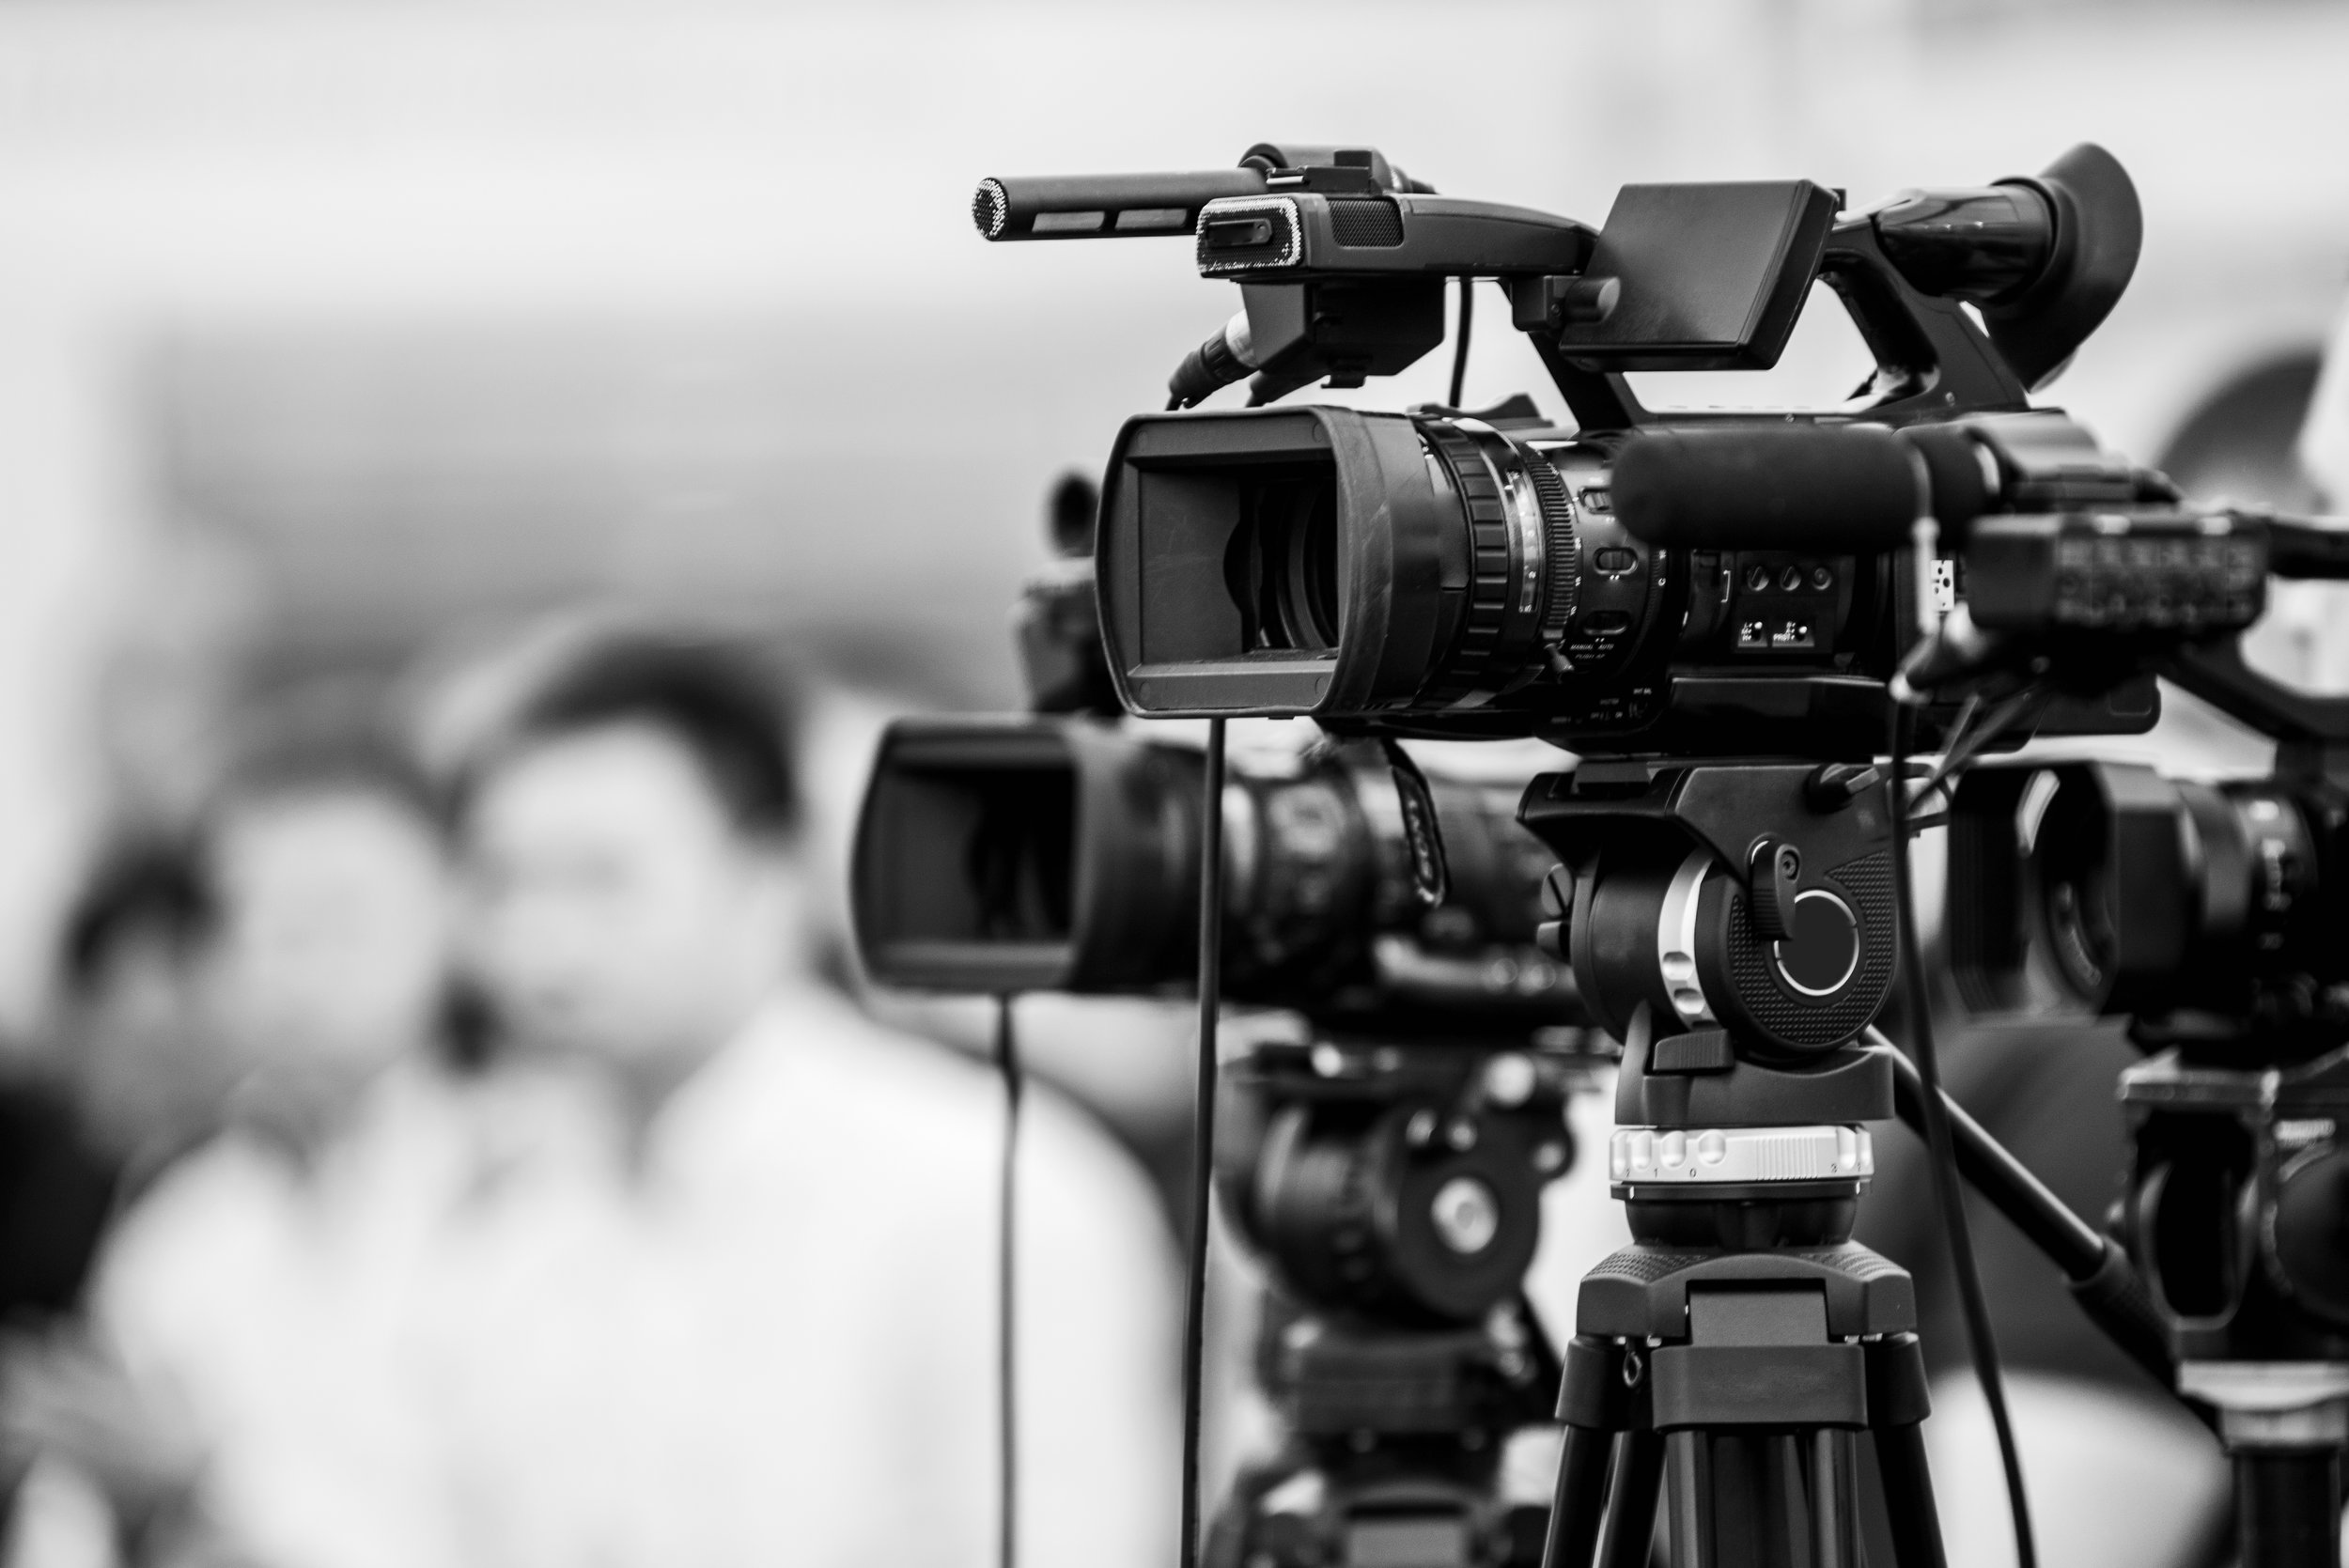 Få din film filmad av proffs - Om du postar din film innan 2 juni kan du vara med i vårt urval för att hitta filmidéer. Då filmar vi din film igen men med professionella filmarbetare och professionell utrustning.